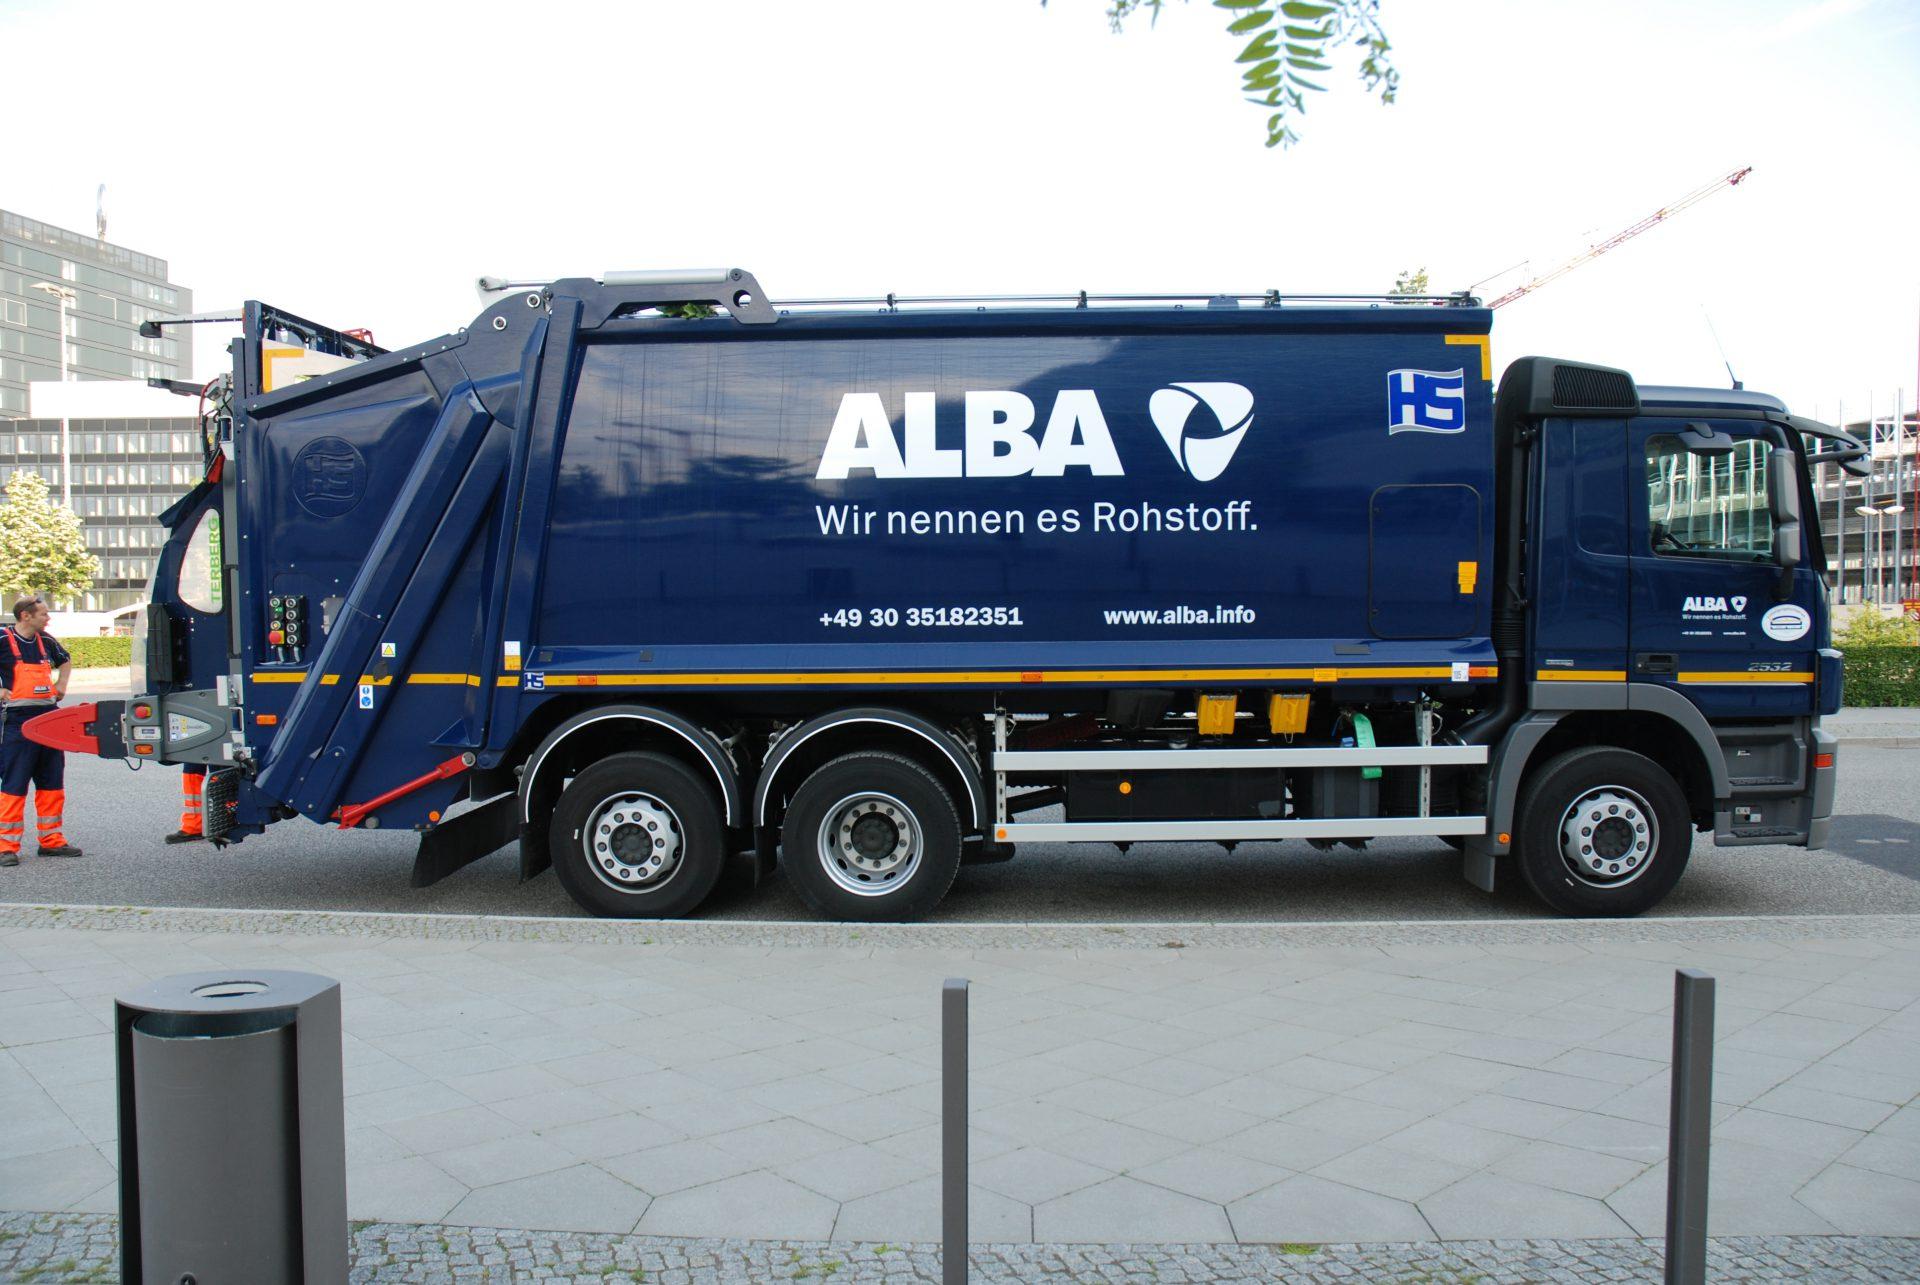 Alba Corporate Design Brand Identity Logo von Realgestalt auf LKW